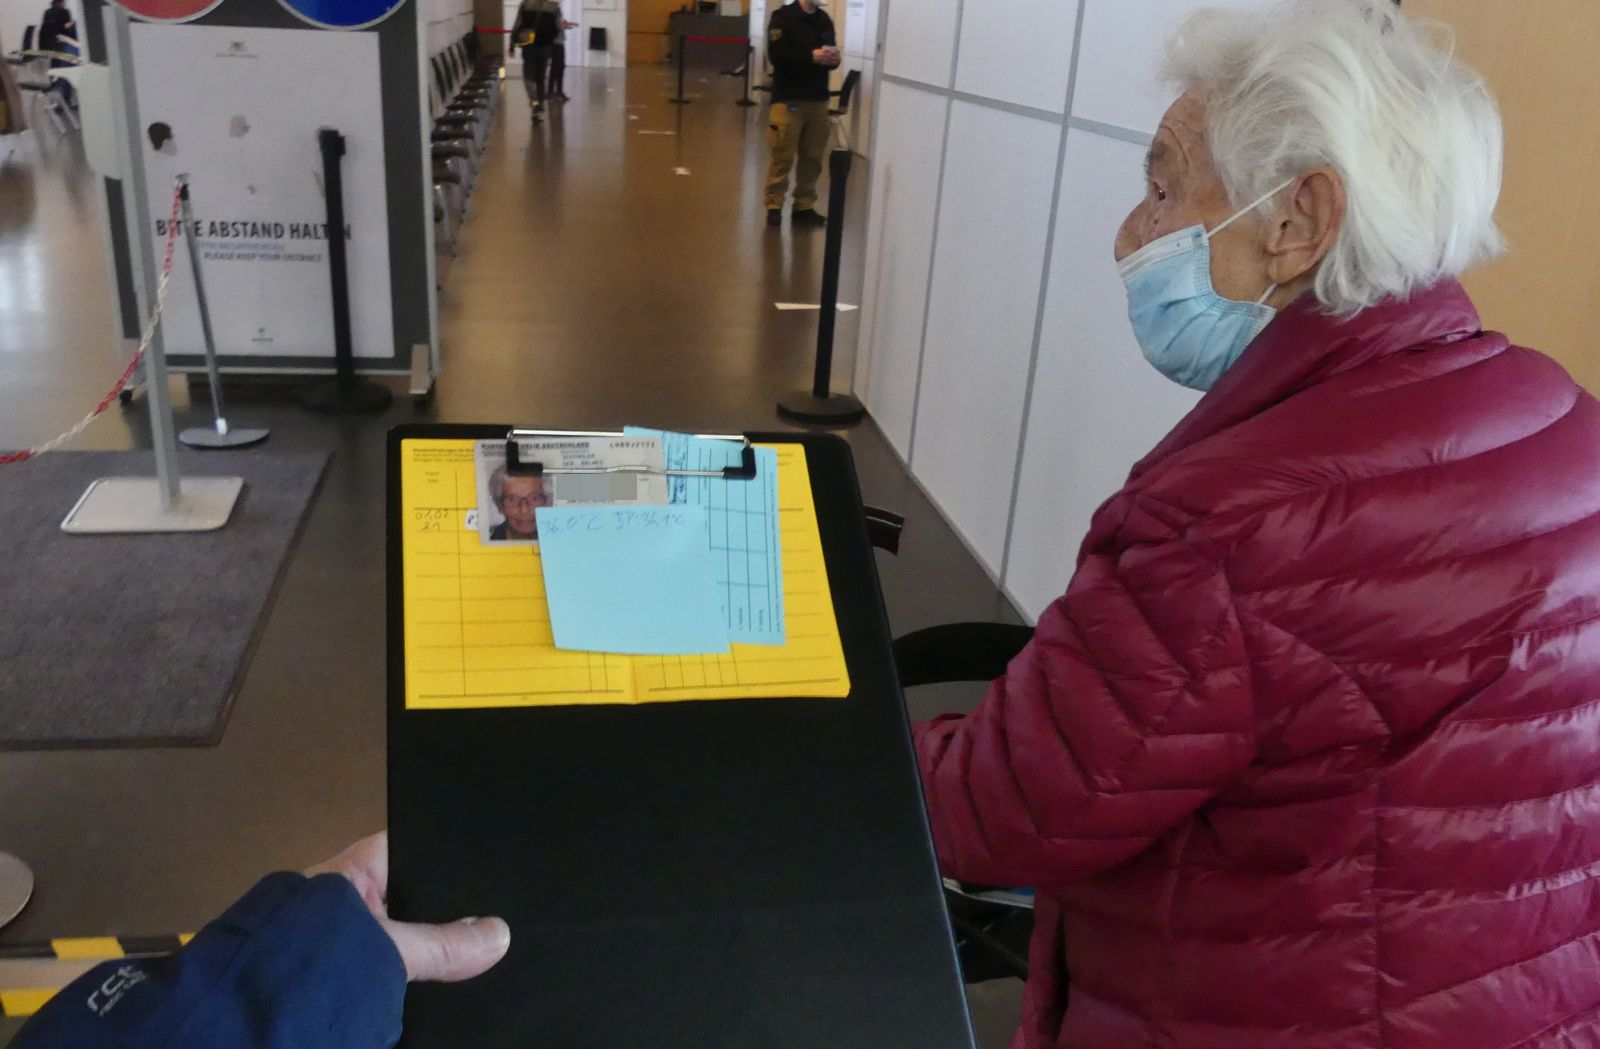 Beim Impftermin im Impfzentrum in Rottweil. Foto: him